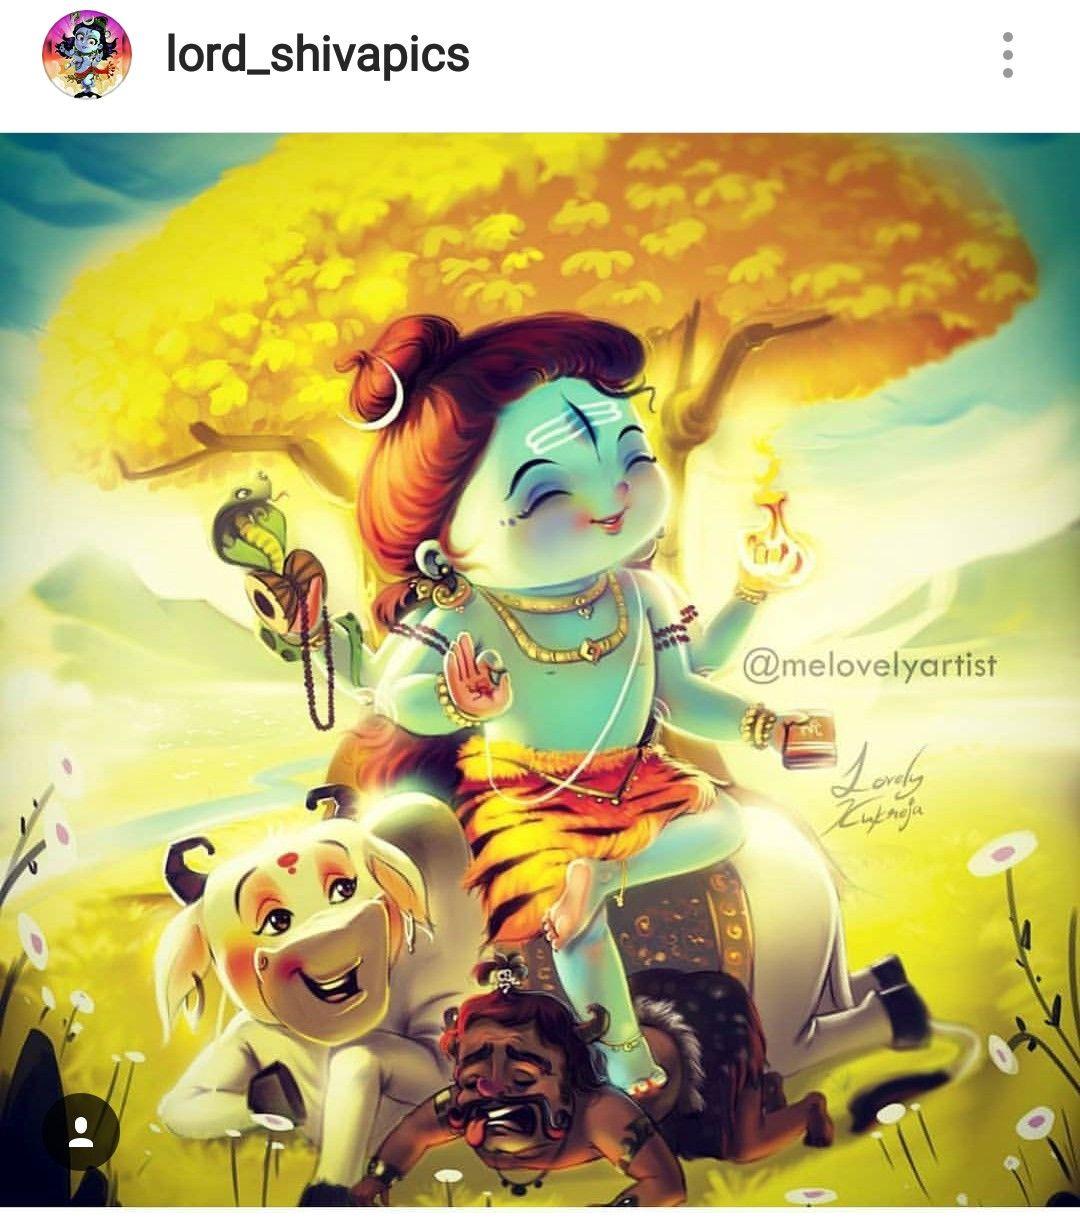 Shiv Shiva Mahadev Lord shiva painting, Lord shiva hd